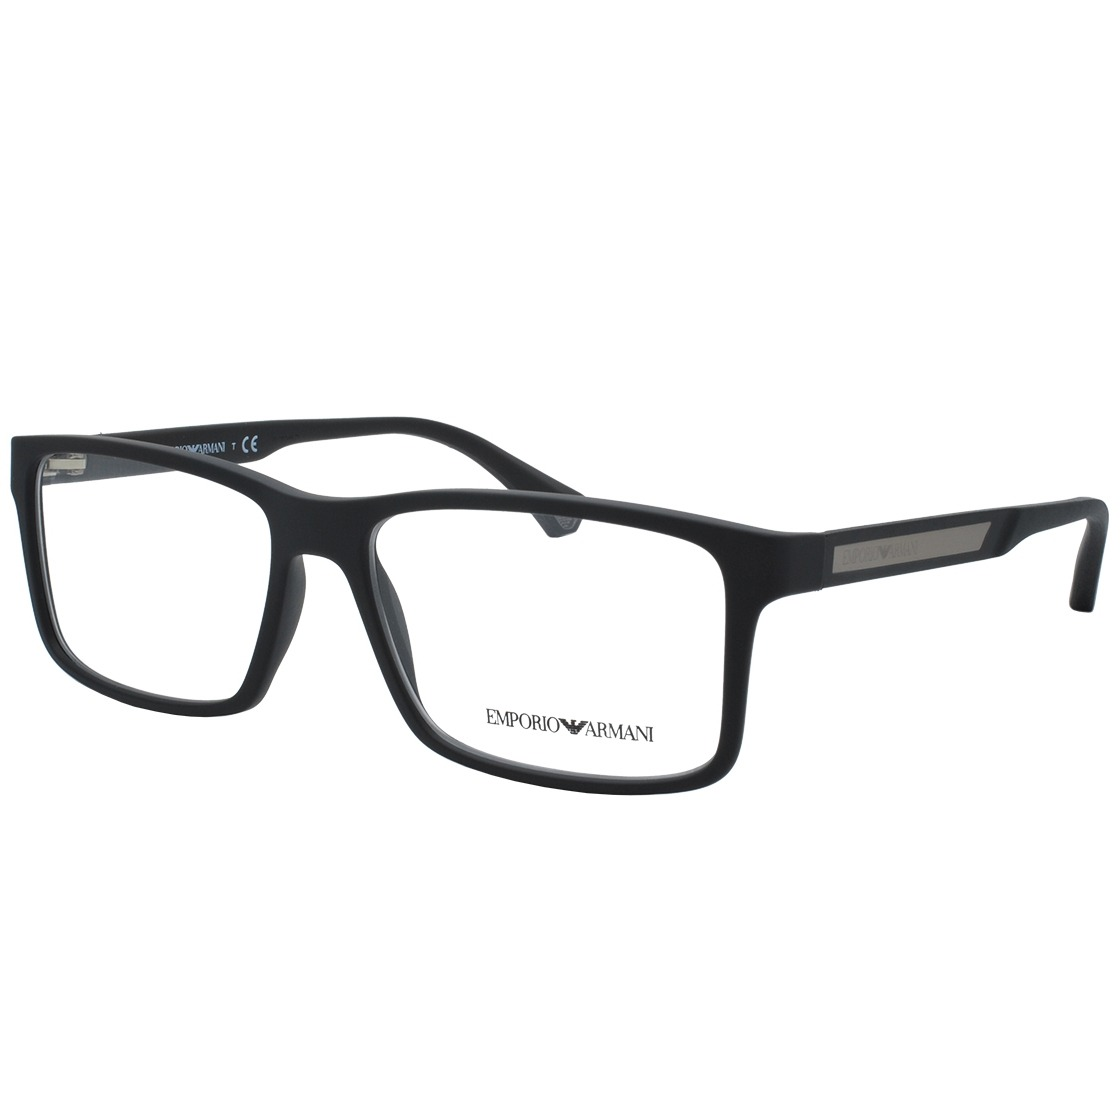 525df114c2719 óculos de grau emporio armani masculino original ea3038 5063. Carregando  zoom.